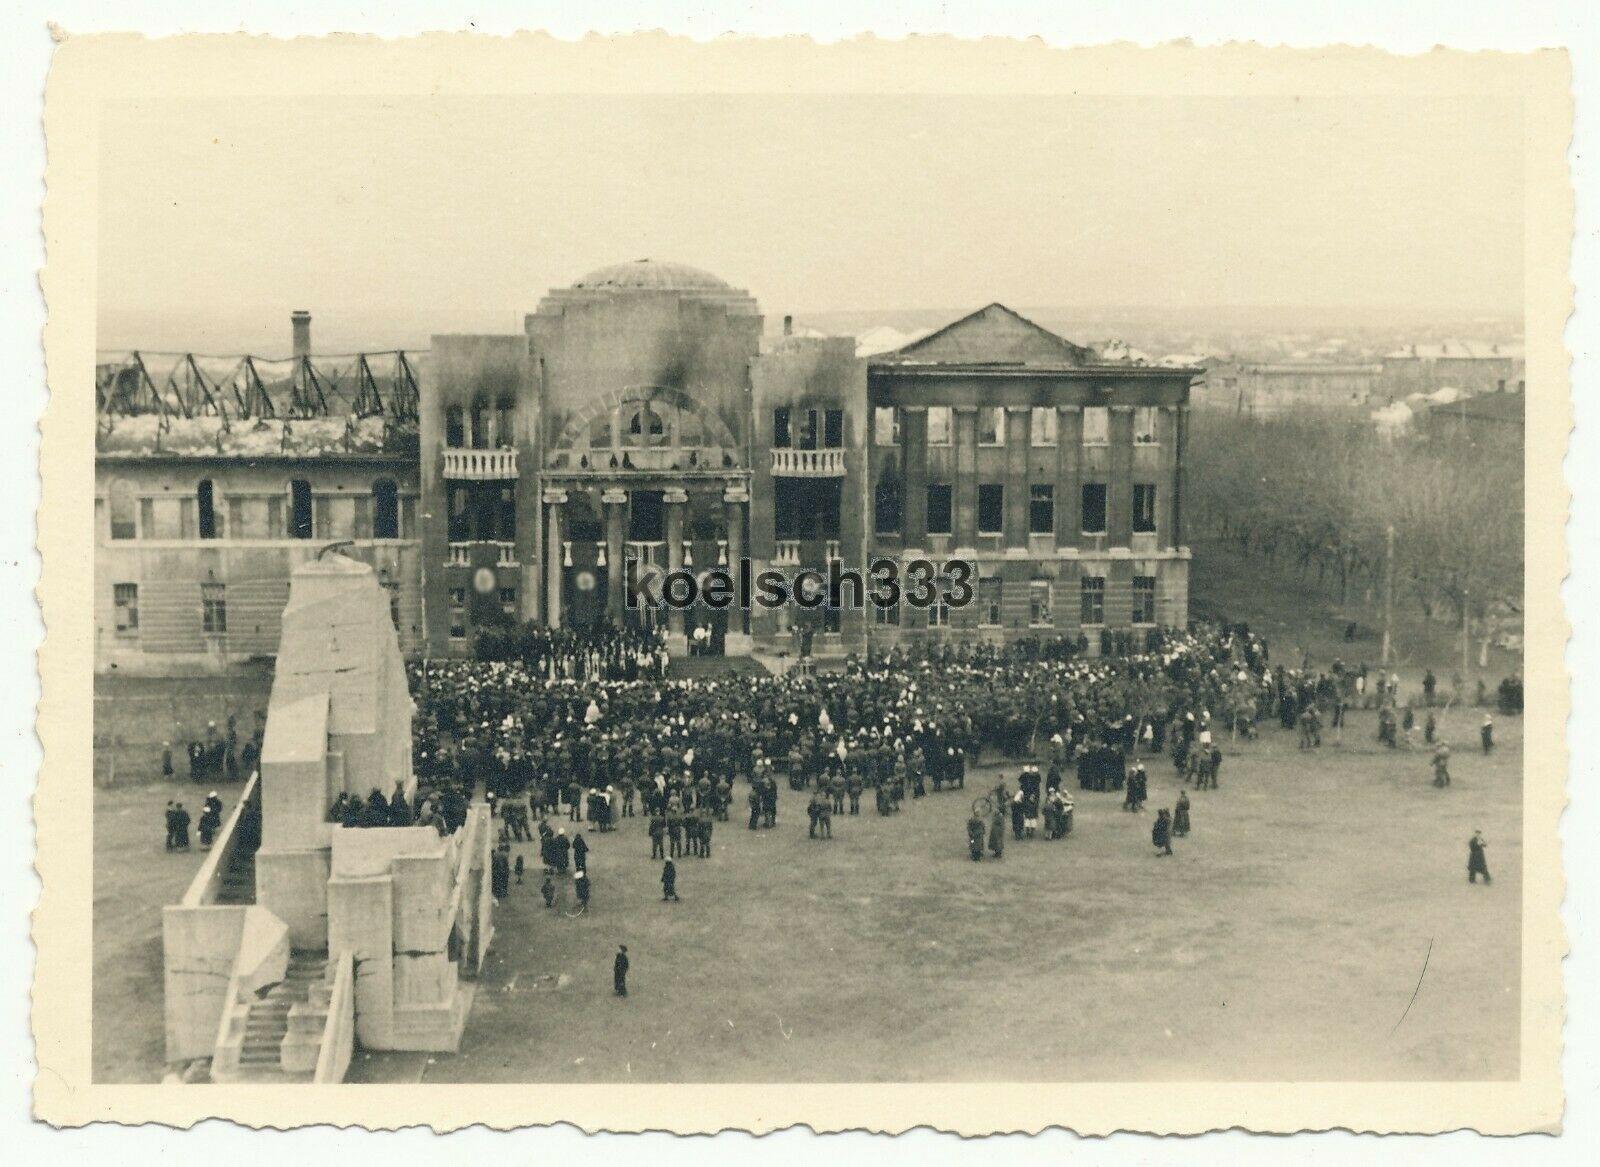 Артемівський театр нацистська окупація спалений будинок культури